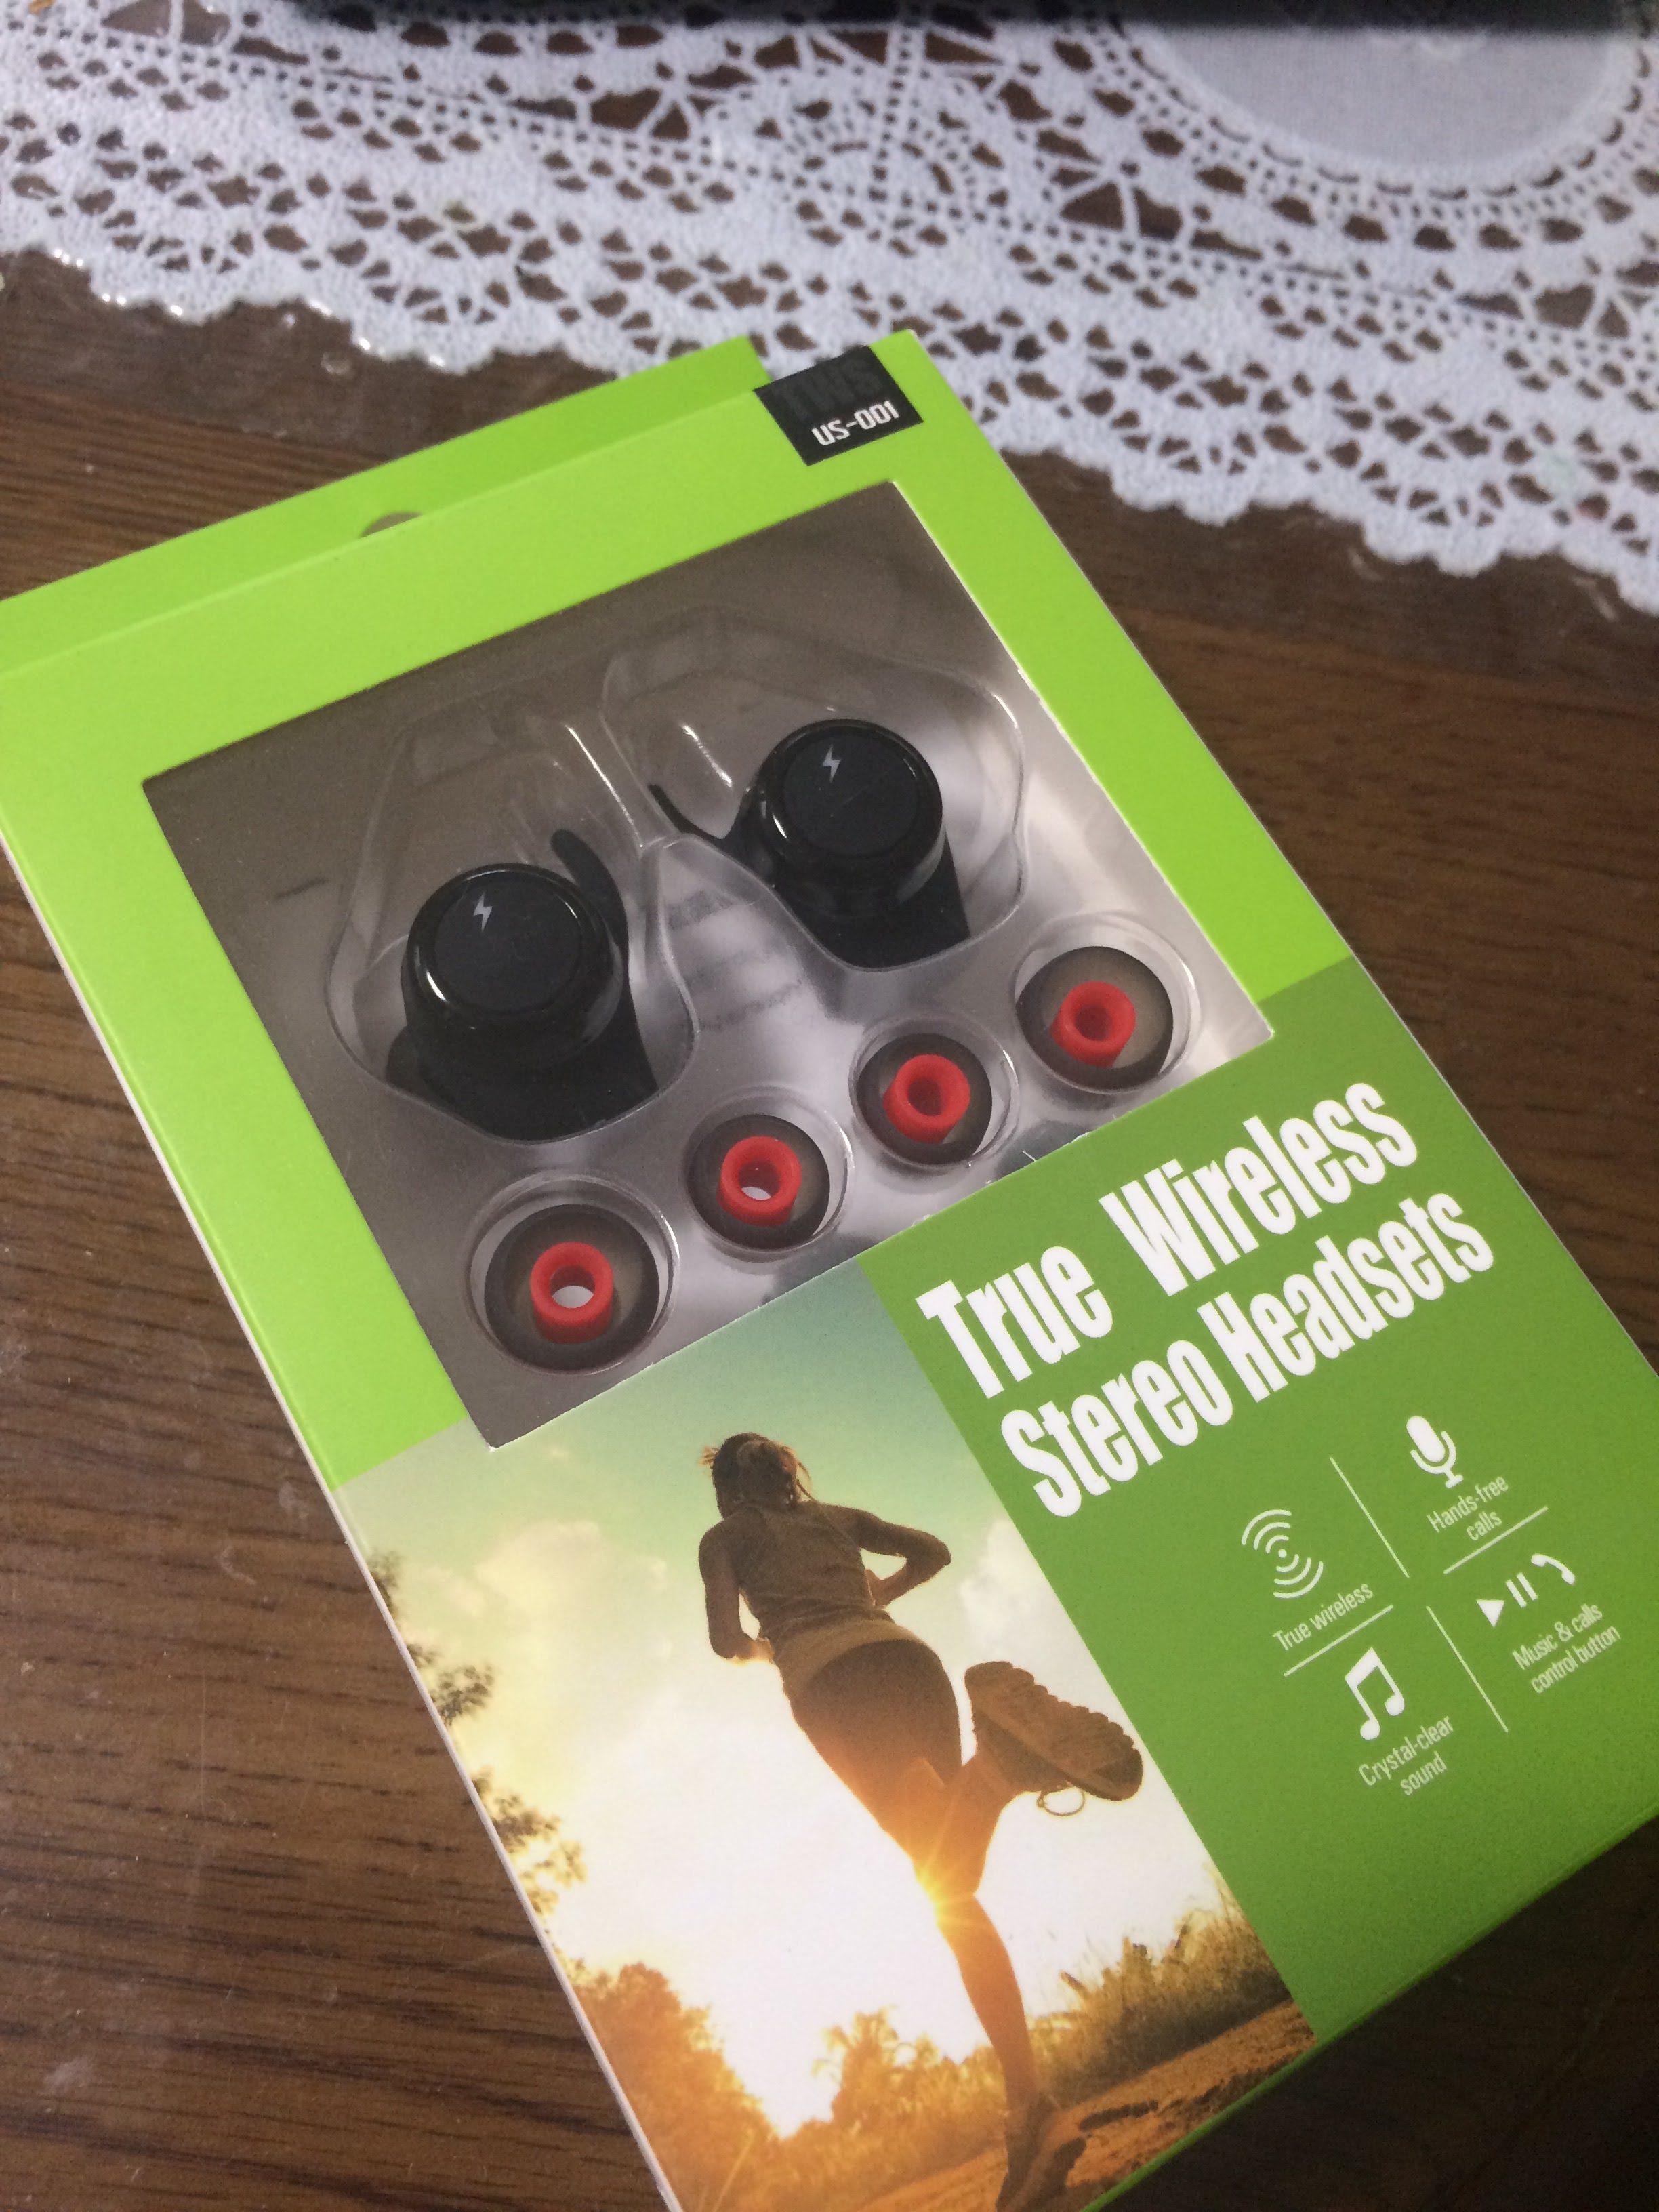 Amazonで買った左右独立型完全ワイヤレスイヤホン「mimi-fit GO」がことのほか値打ちがあった件